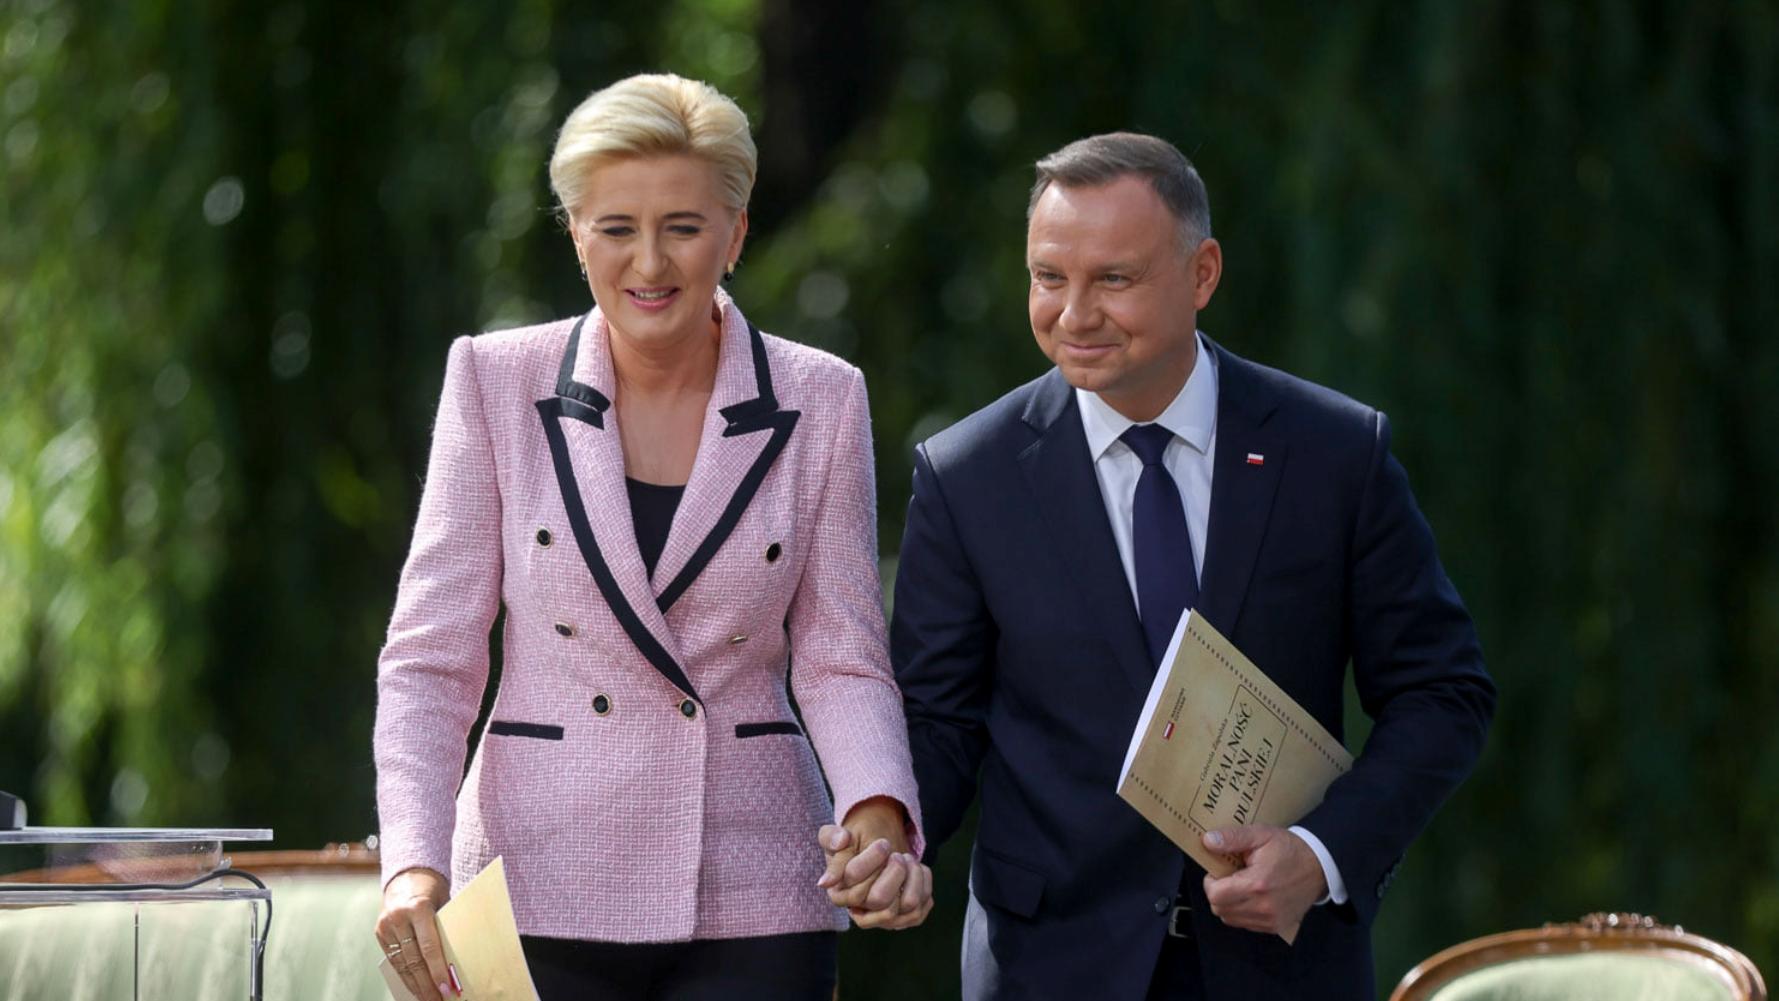 Uroczystości objawień maryjnych w Gietrzwałdzie. Prezydent skierował list do uczestników